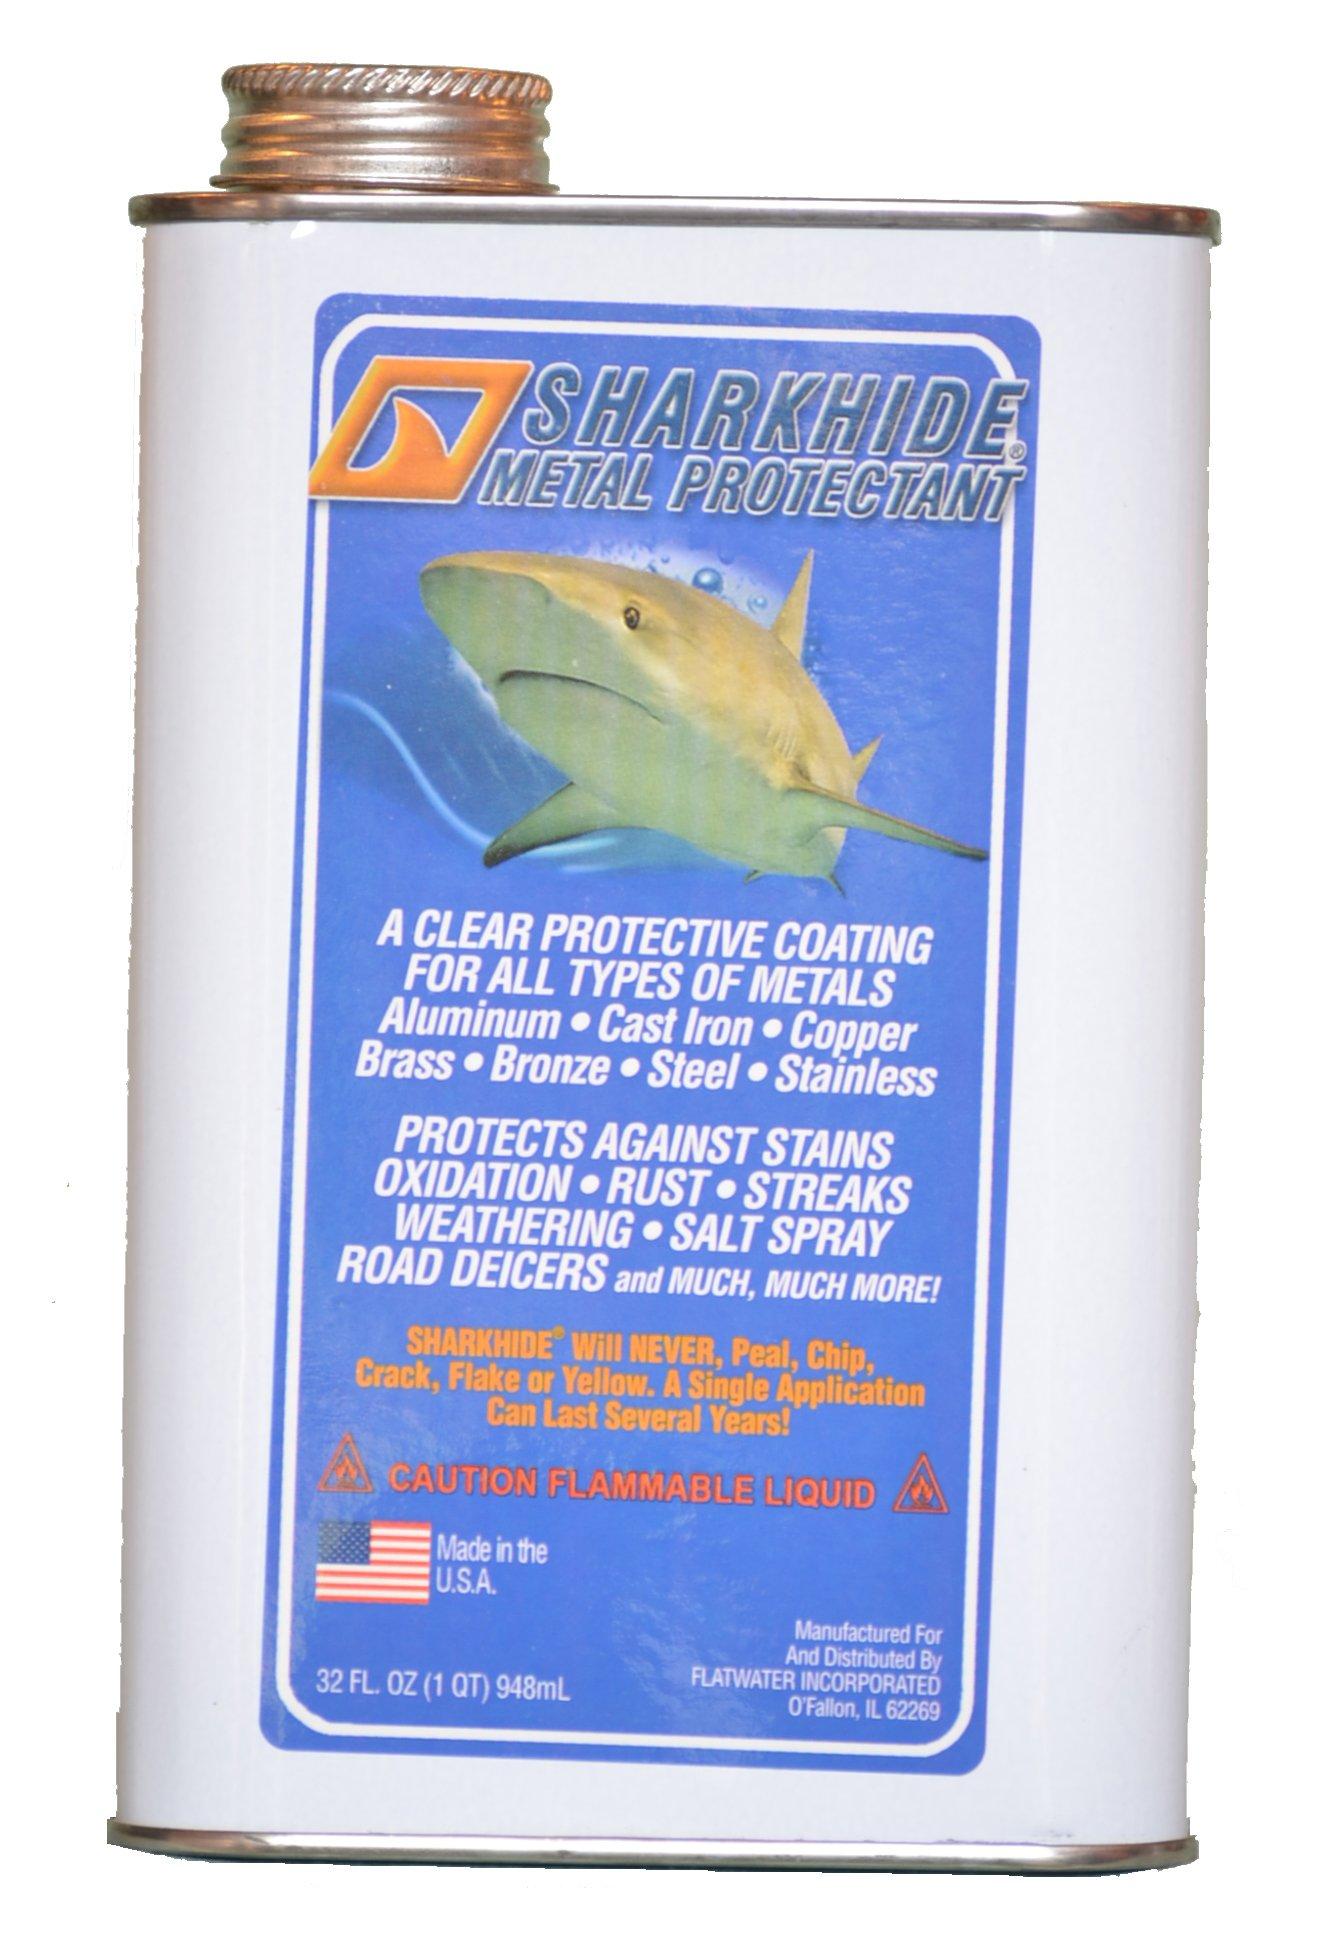 Sharkhide Metal Protectant